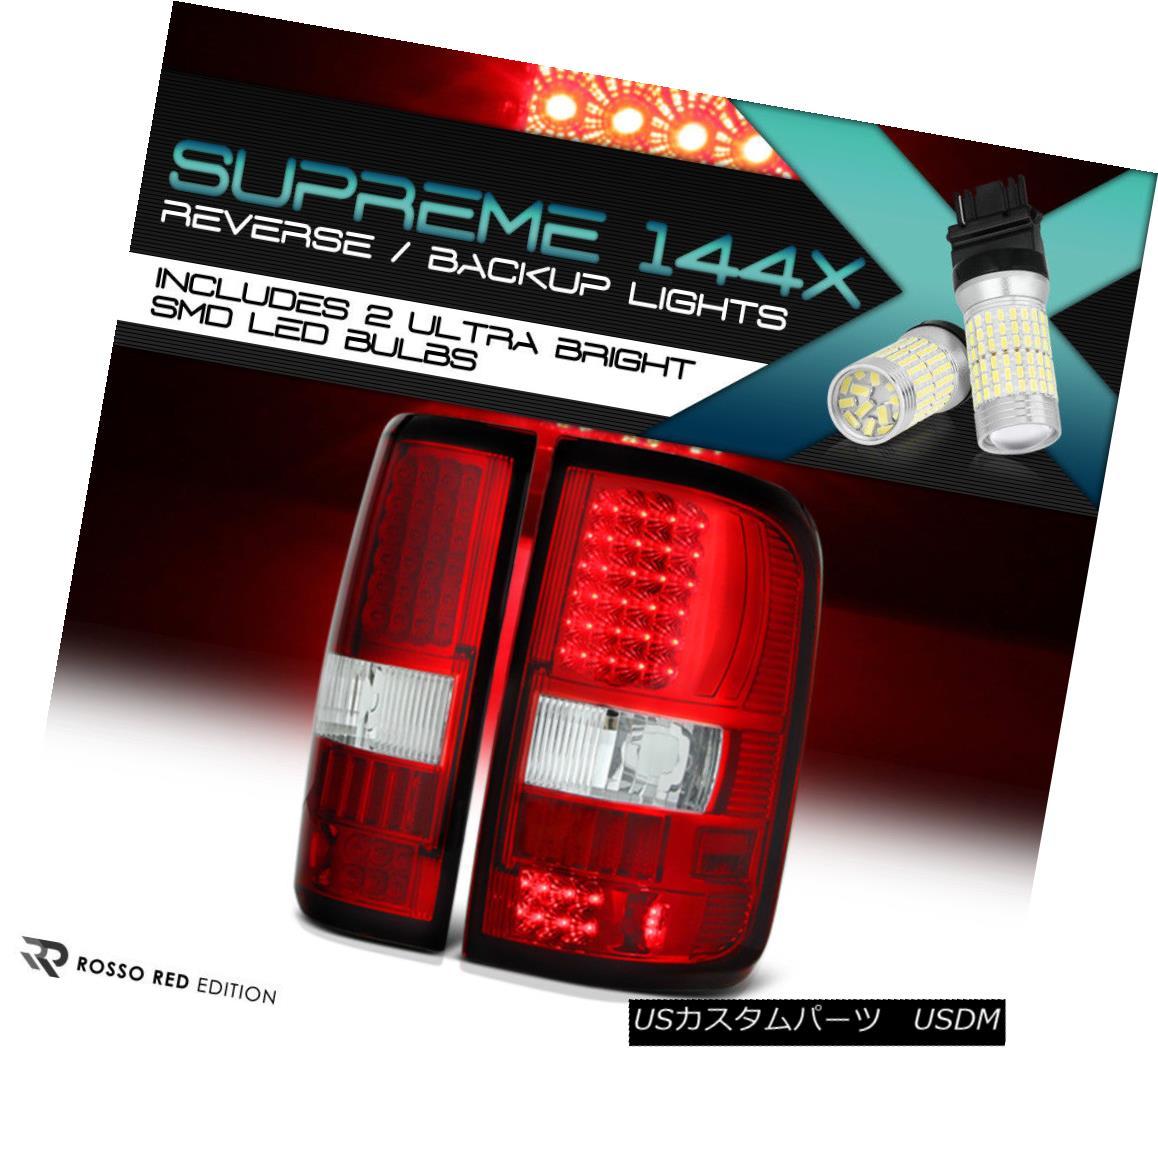 テールライト 360 DEGREE SMD REVERSE Factory Style {RED/CLEAR} LED Tail Light Brake 04-08 F150 360度SMD REVERSEファクトリースタイル{RED / CLEAR} LEDテールライトブレーキ04-08 F150